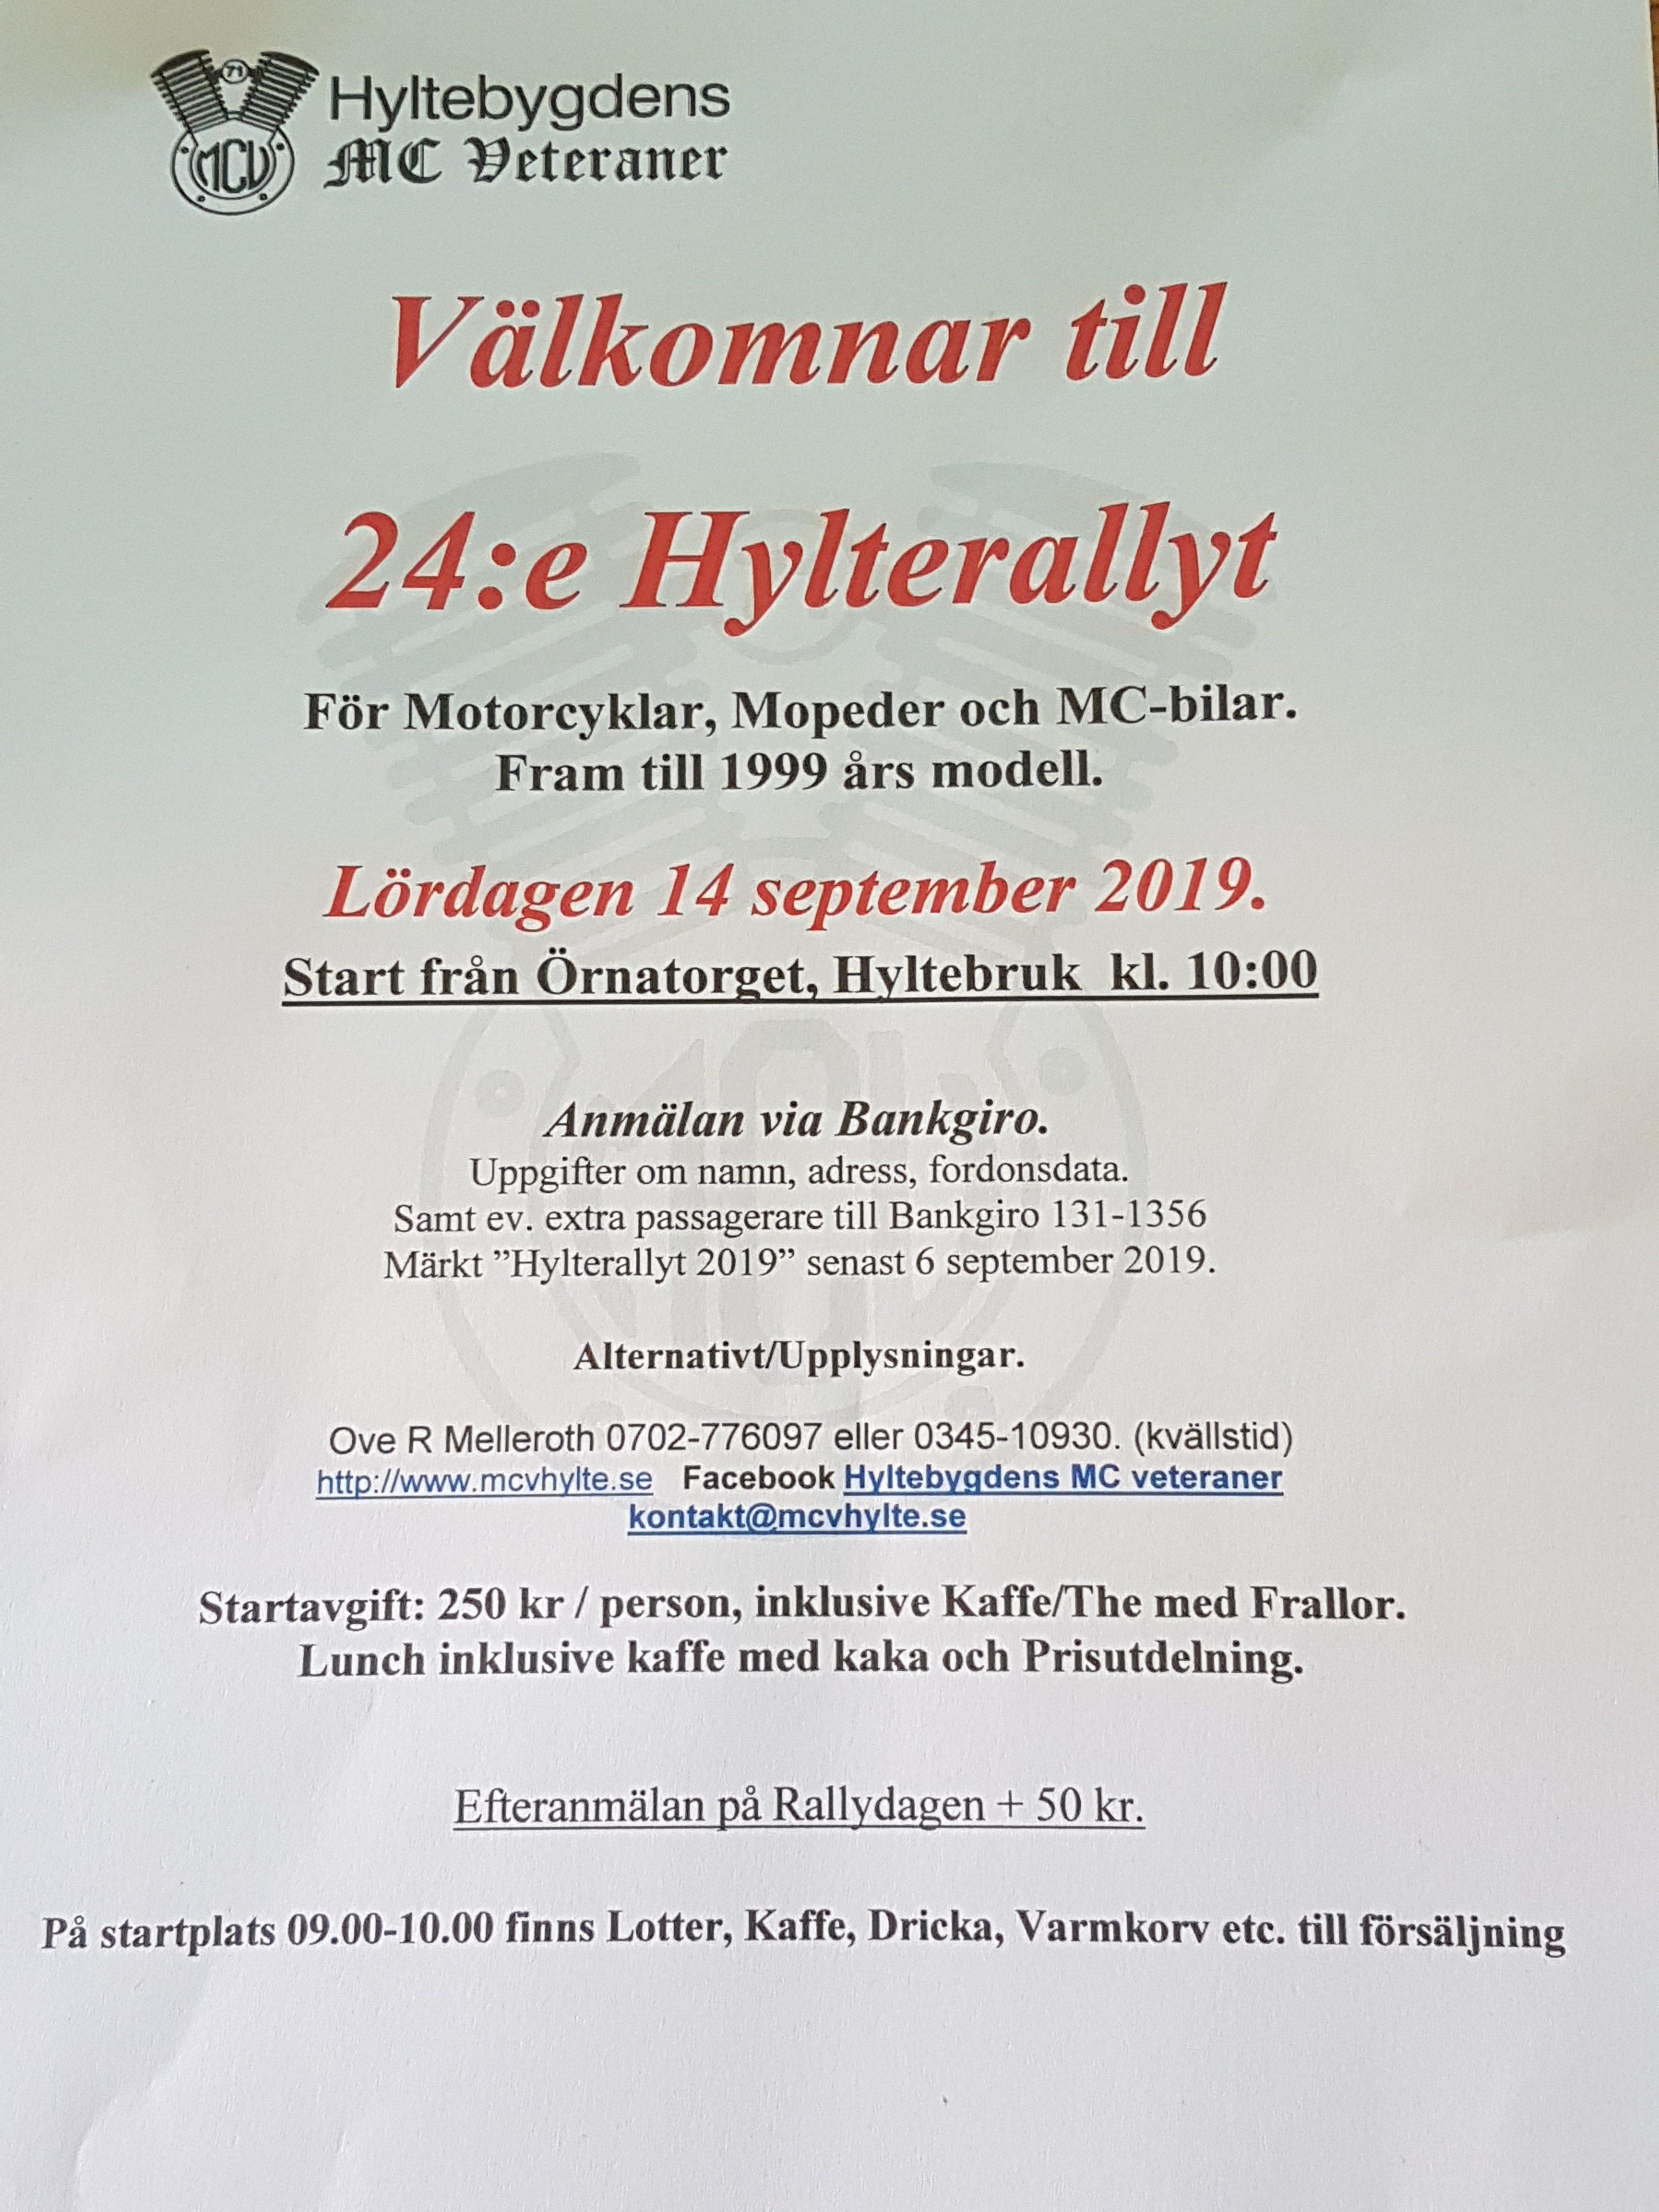 Hylte Rally 2019